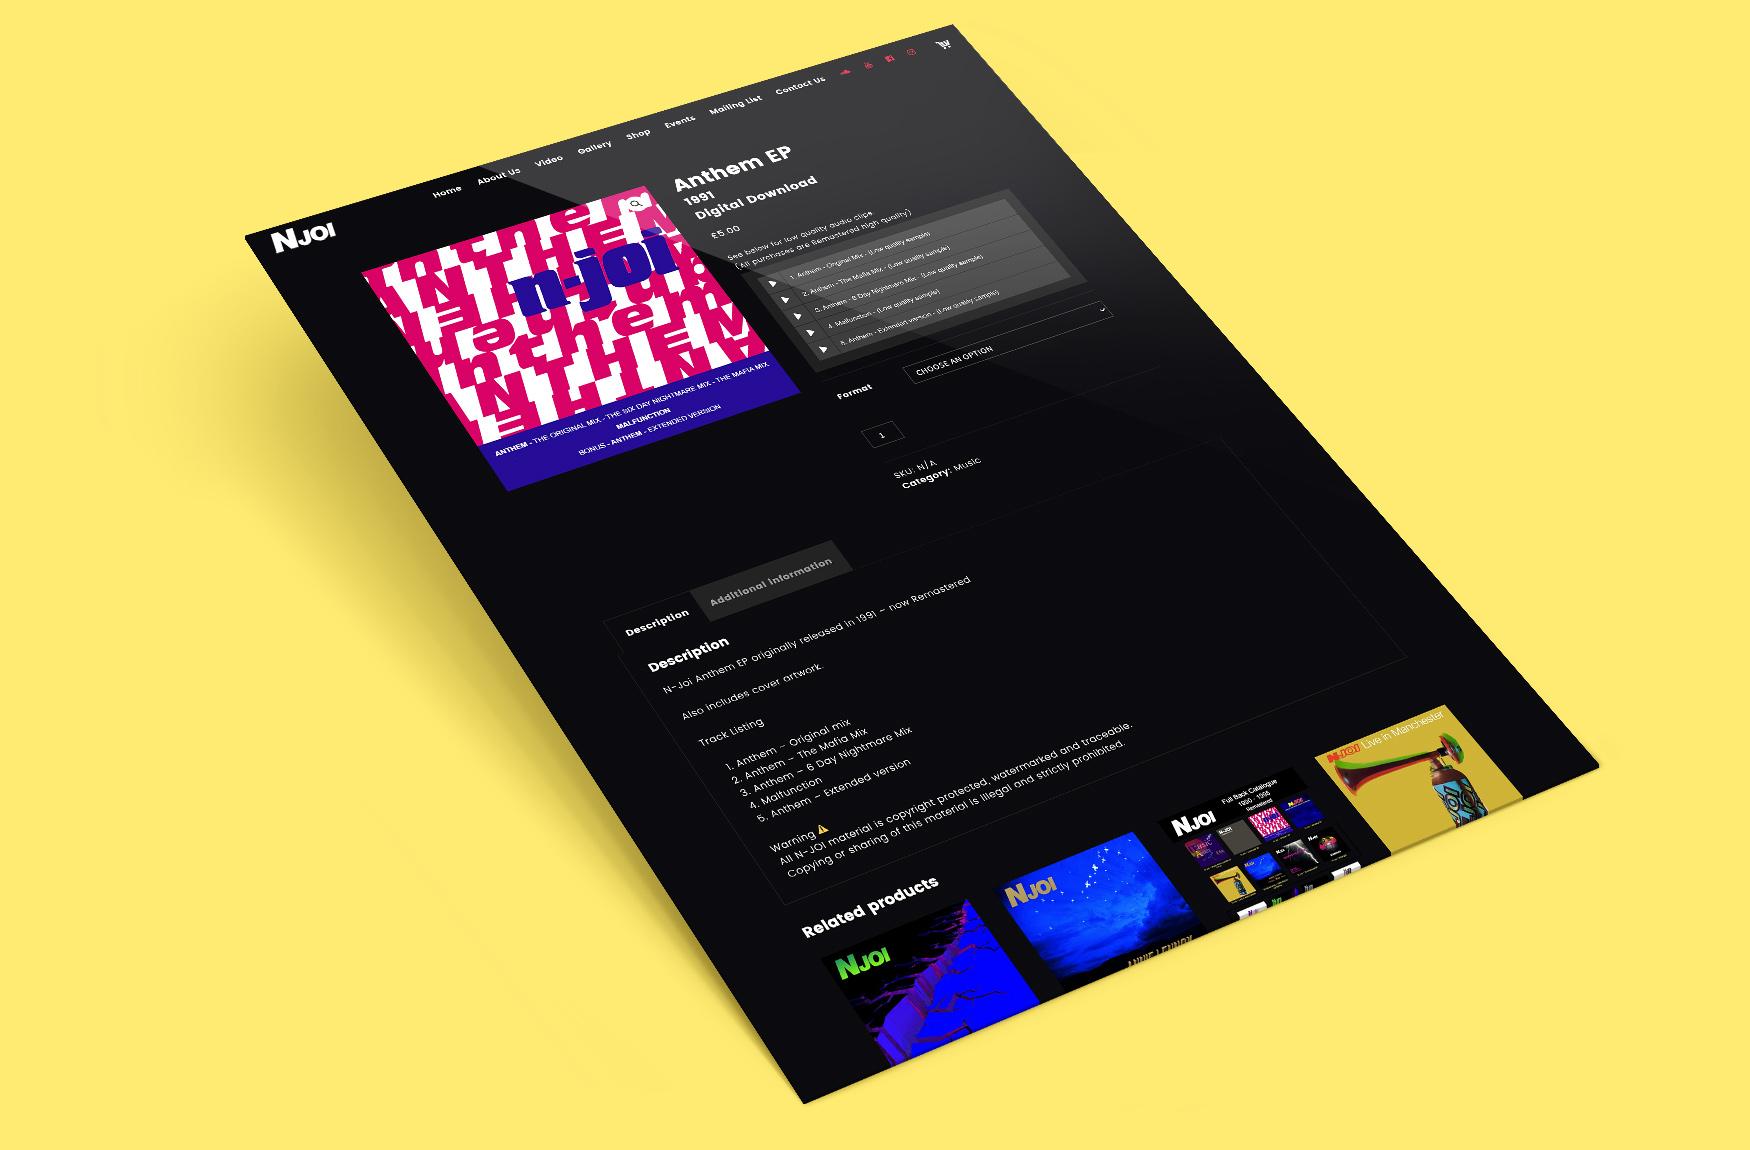 N-Joi Website Design Anthem